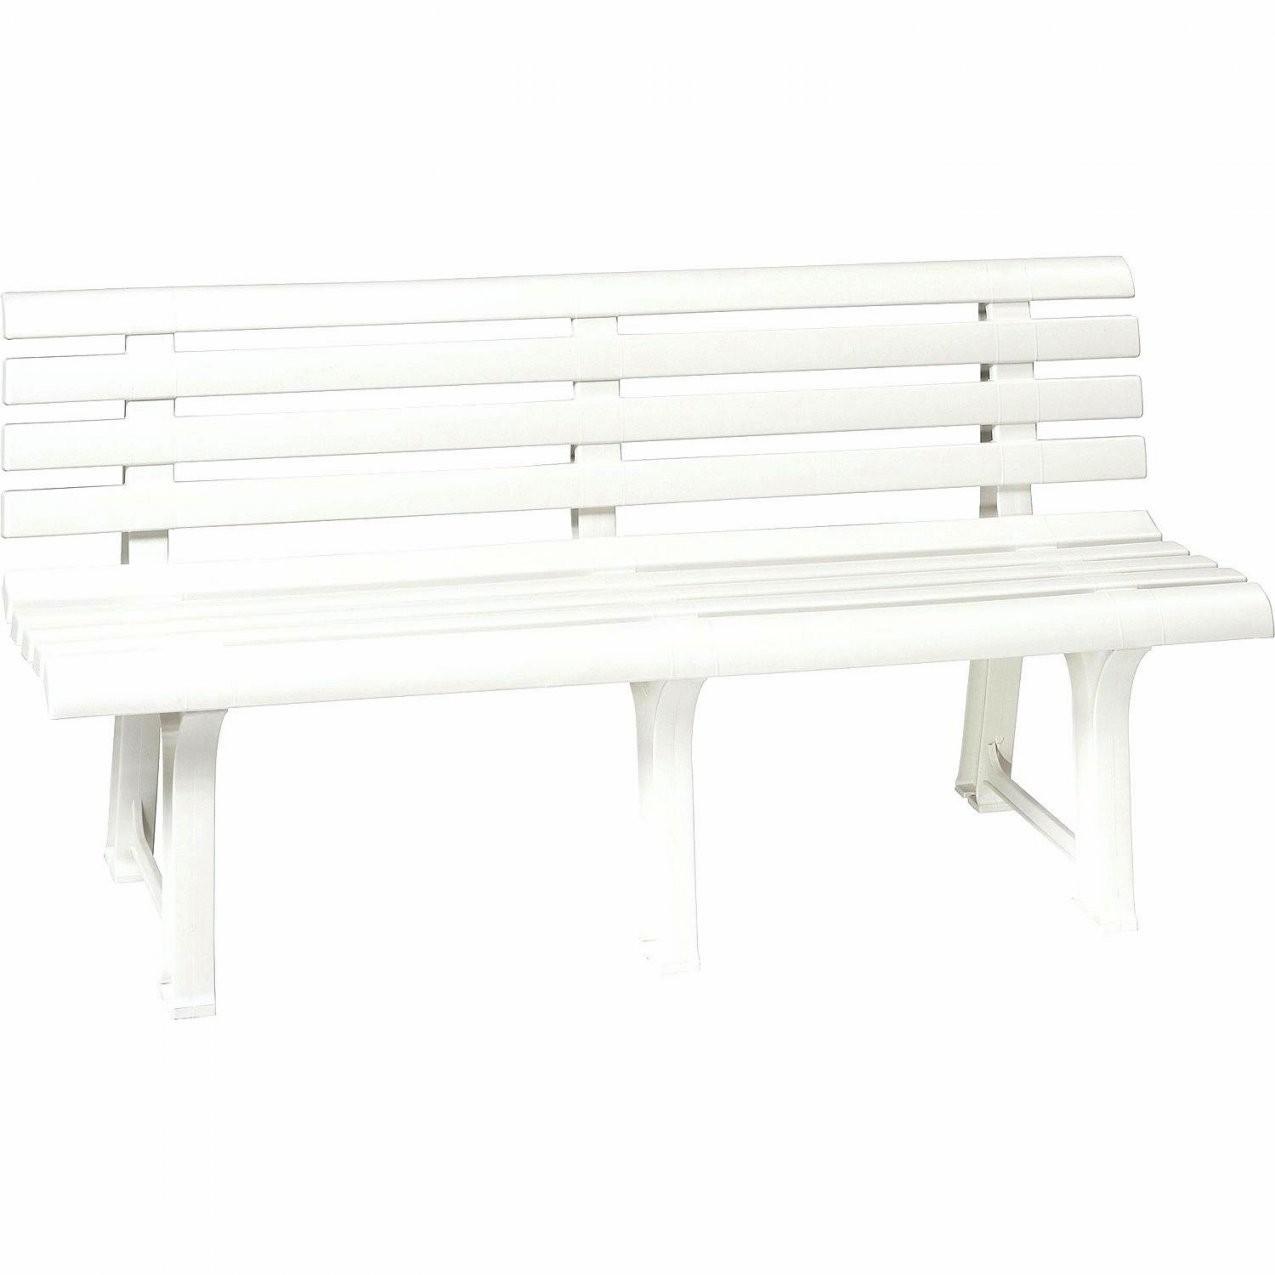 Beeindruckend Weiße Gartenbank Ikea Weisse Gartenbanke Schan von Weiße Gartenbank Ikea Bild